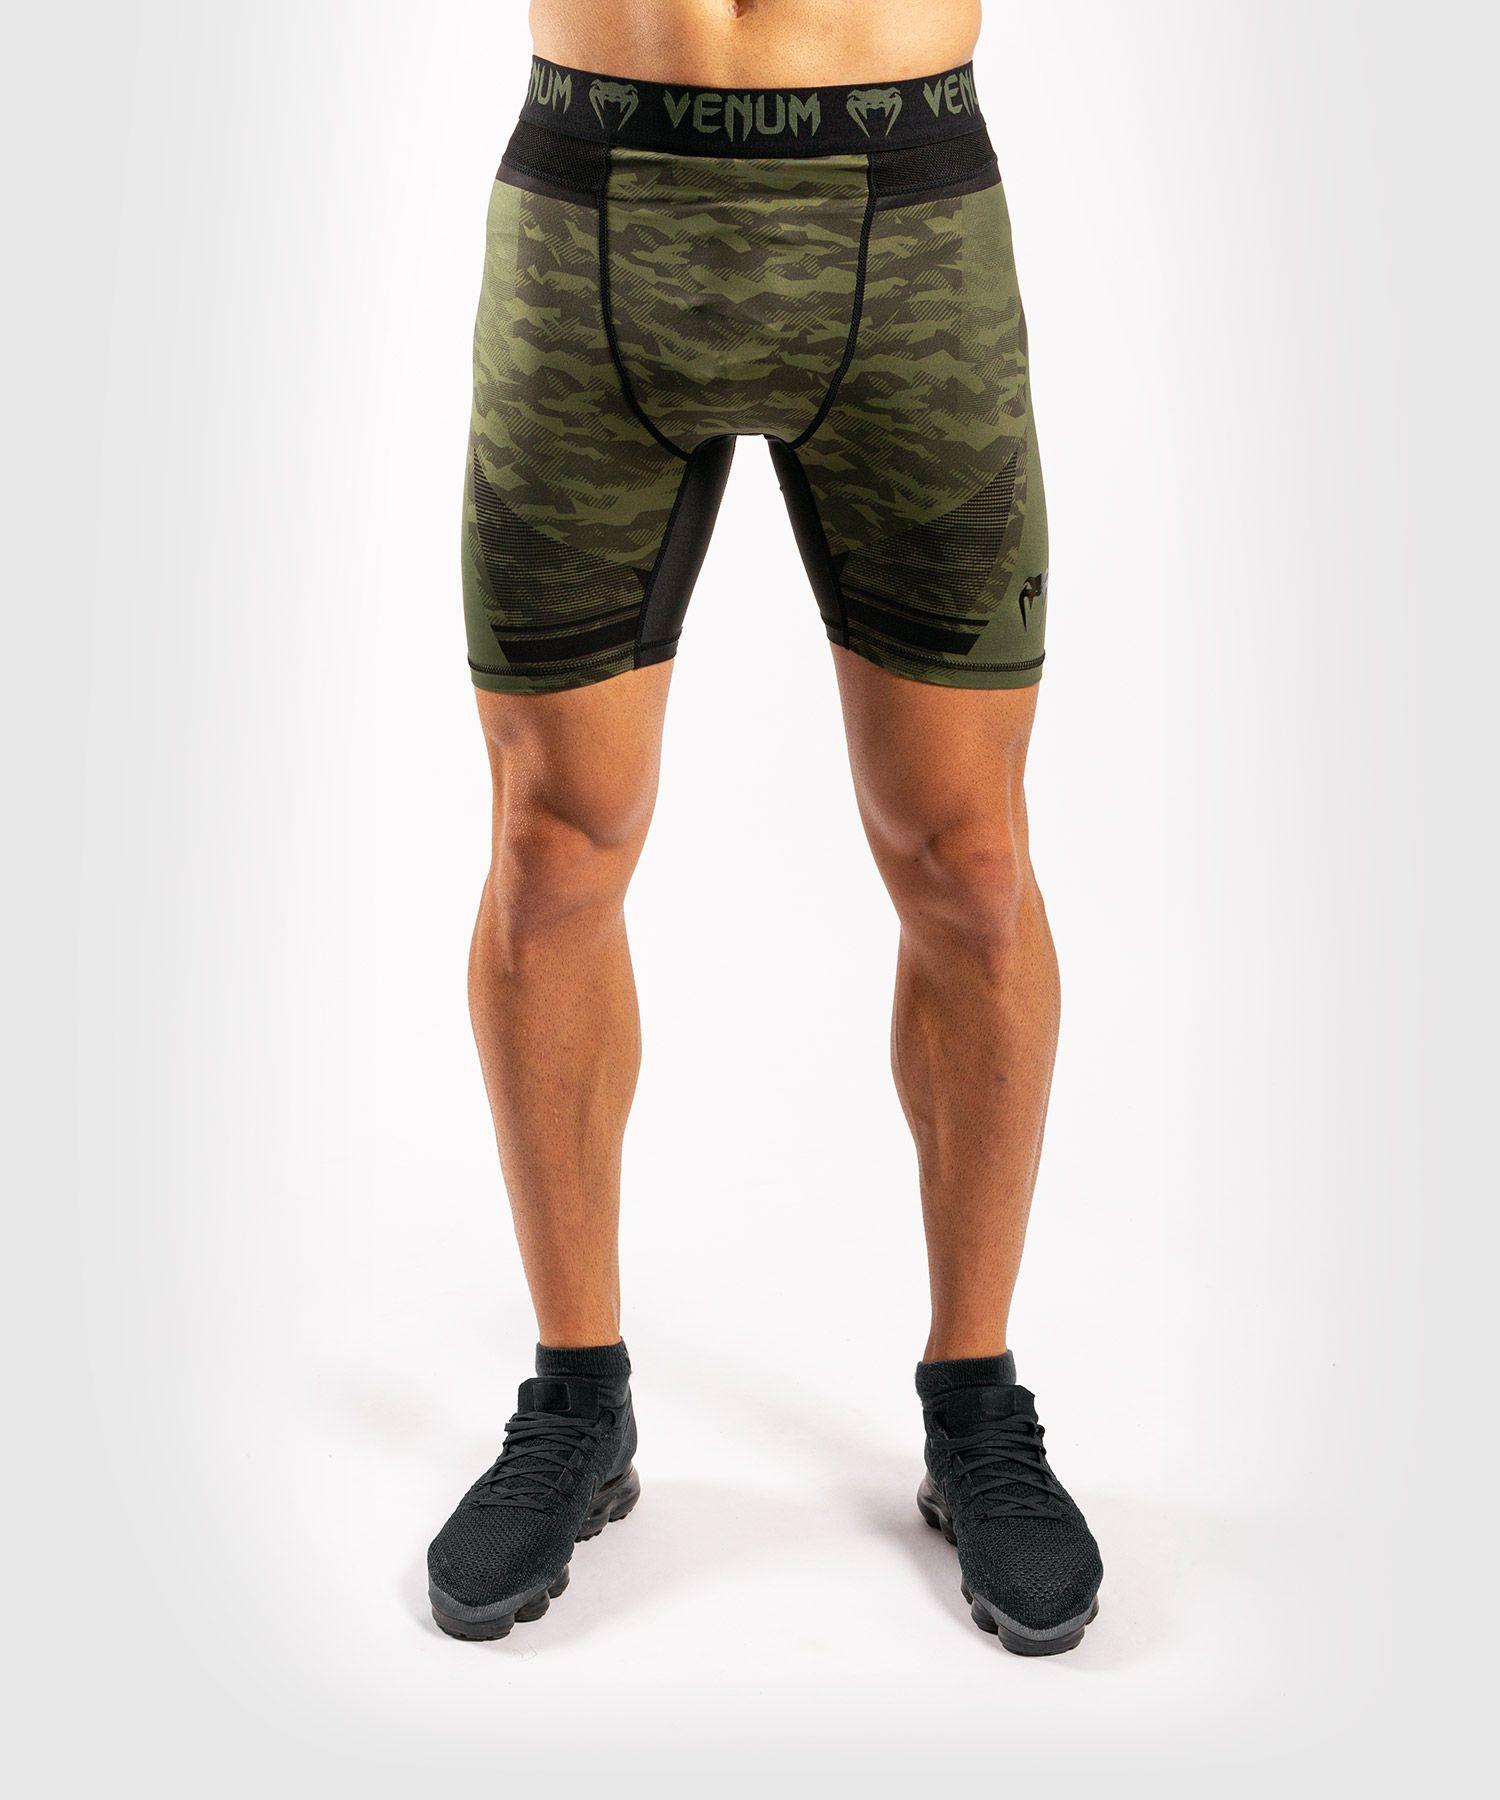 Short de compression Venum Trooper - Forest Camo/Noir